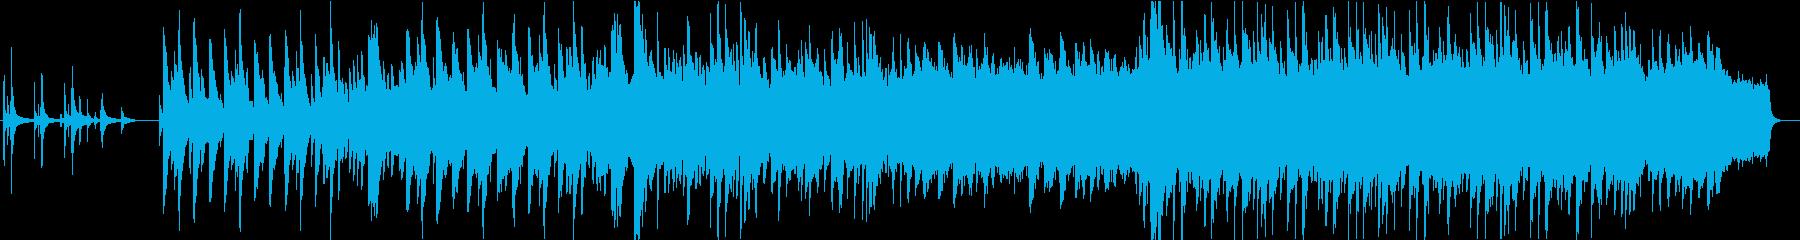 カノンモチーフの厳かなピアノバラードの再生済みの波形